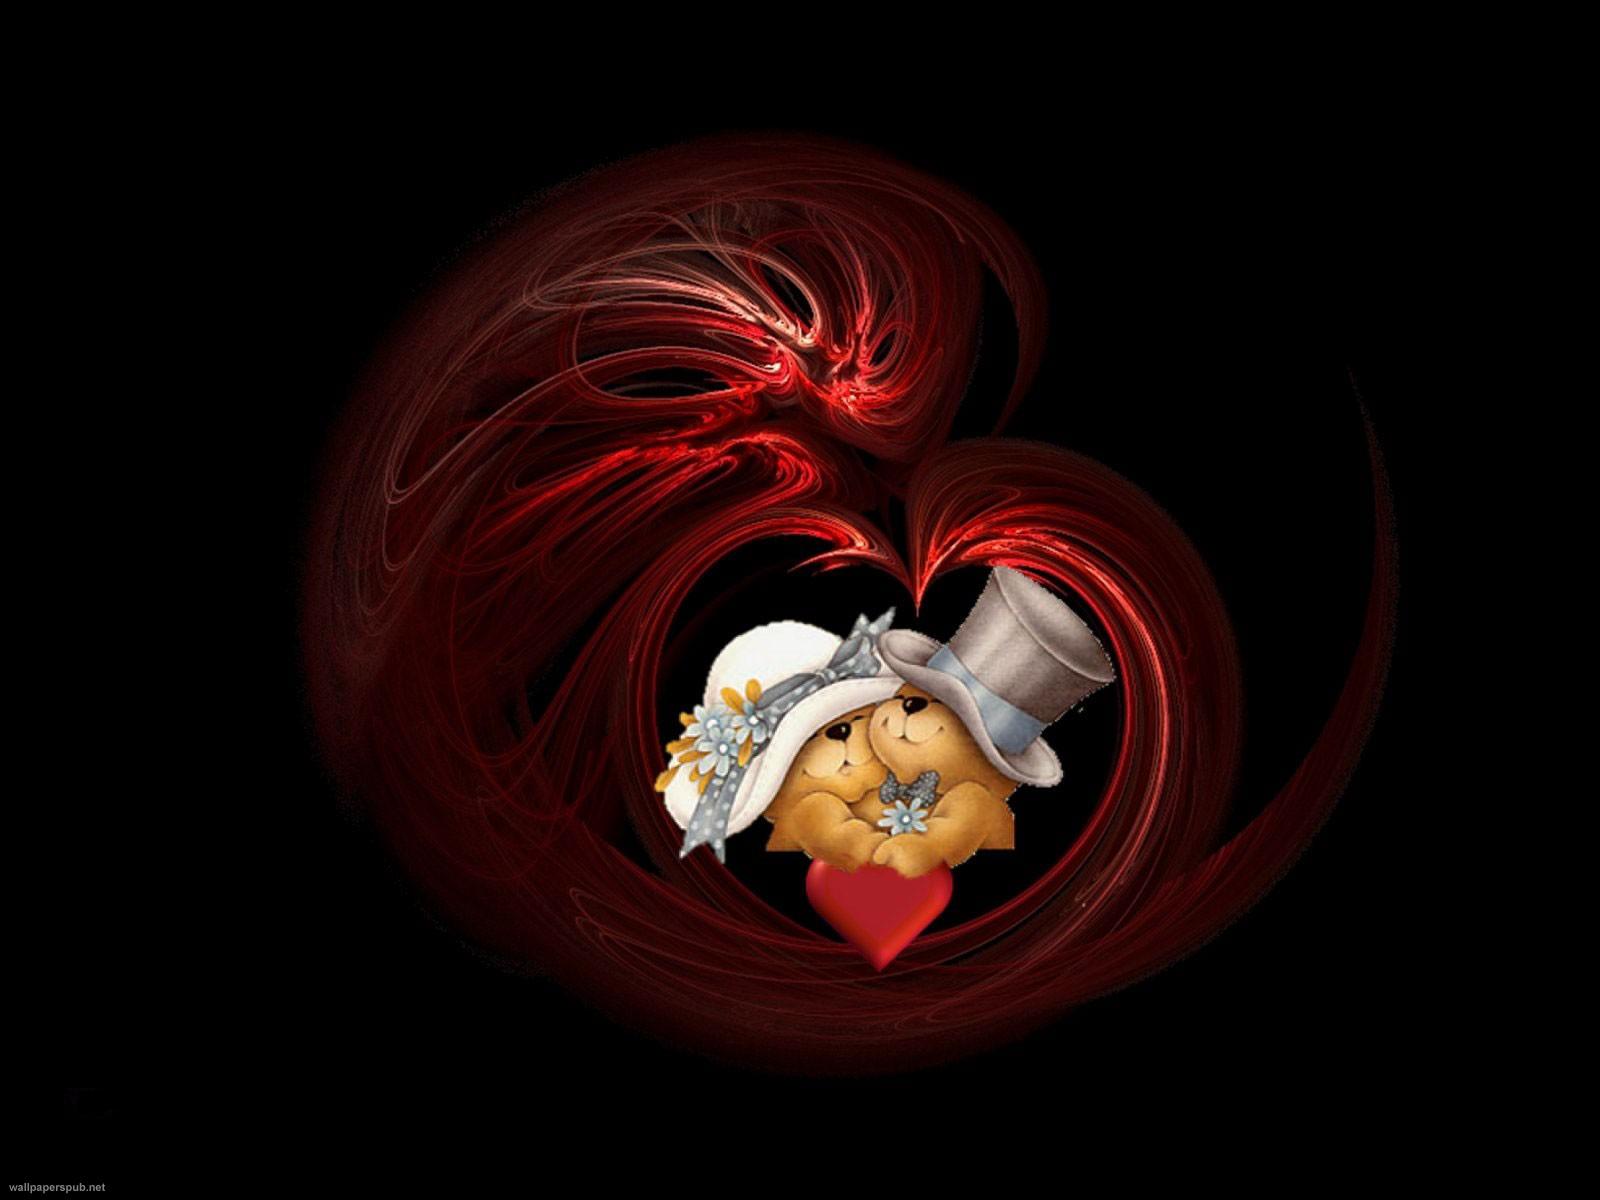 http://1.bp.blogspot.com/_v5h2qxDB1io/TTfyLWV-cVI/AAAAAAAABbU/T3Uyz4oFu3o/s1600/Valentine%2527s+Day+%252818%2529.jpg